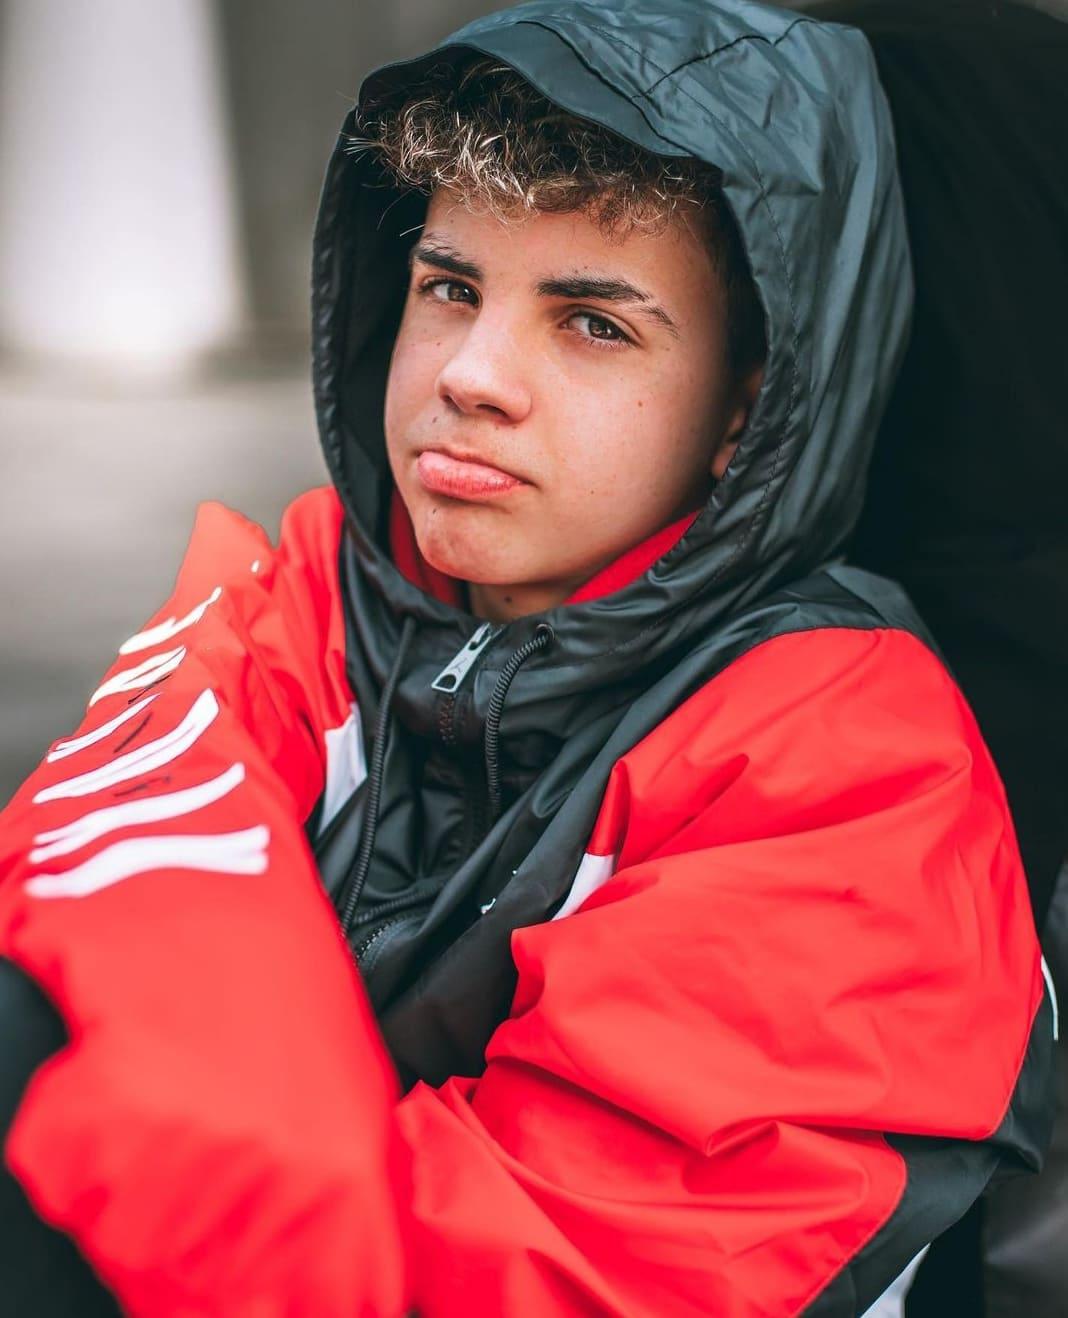 Foto de José Julio con chaqueta